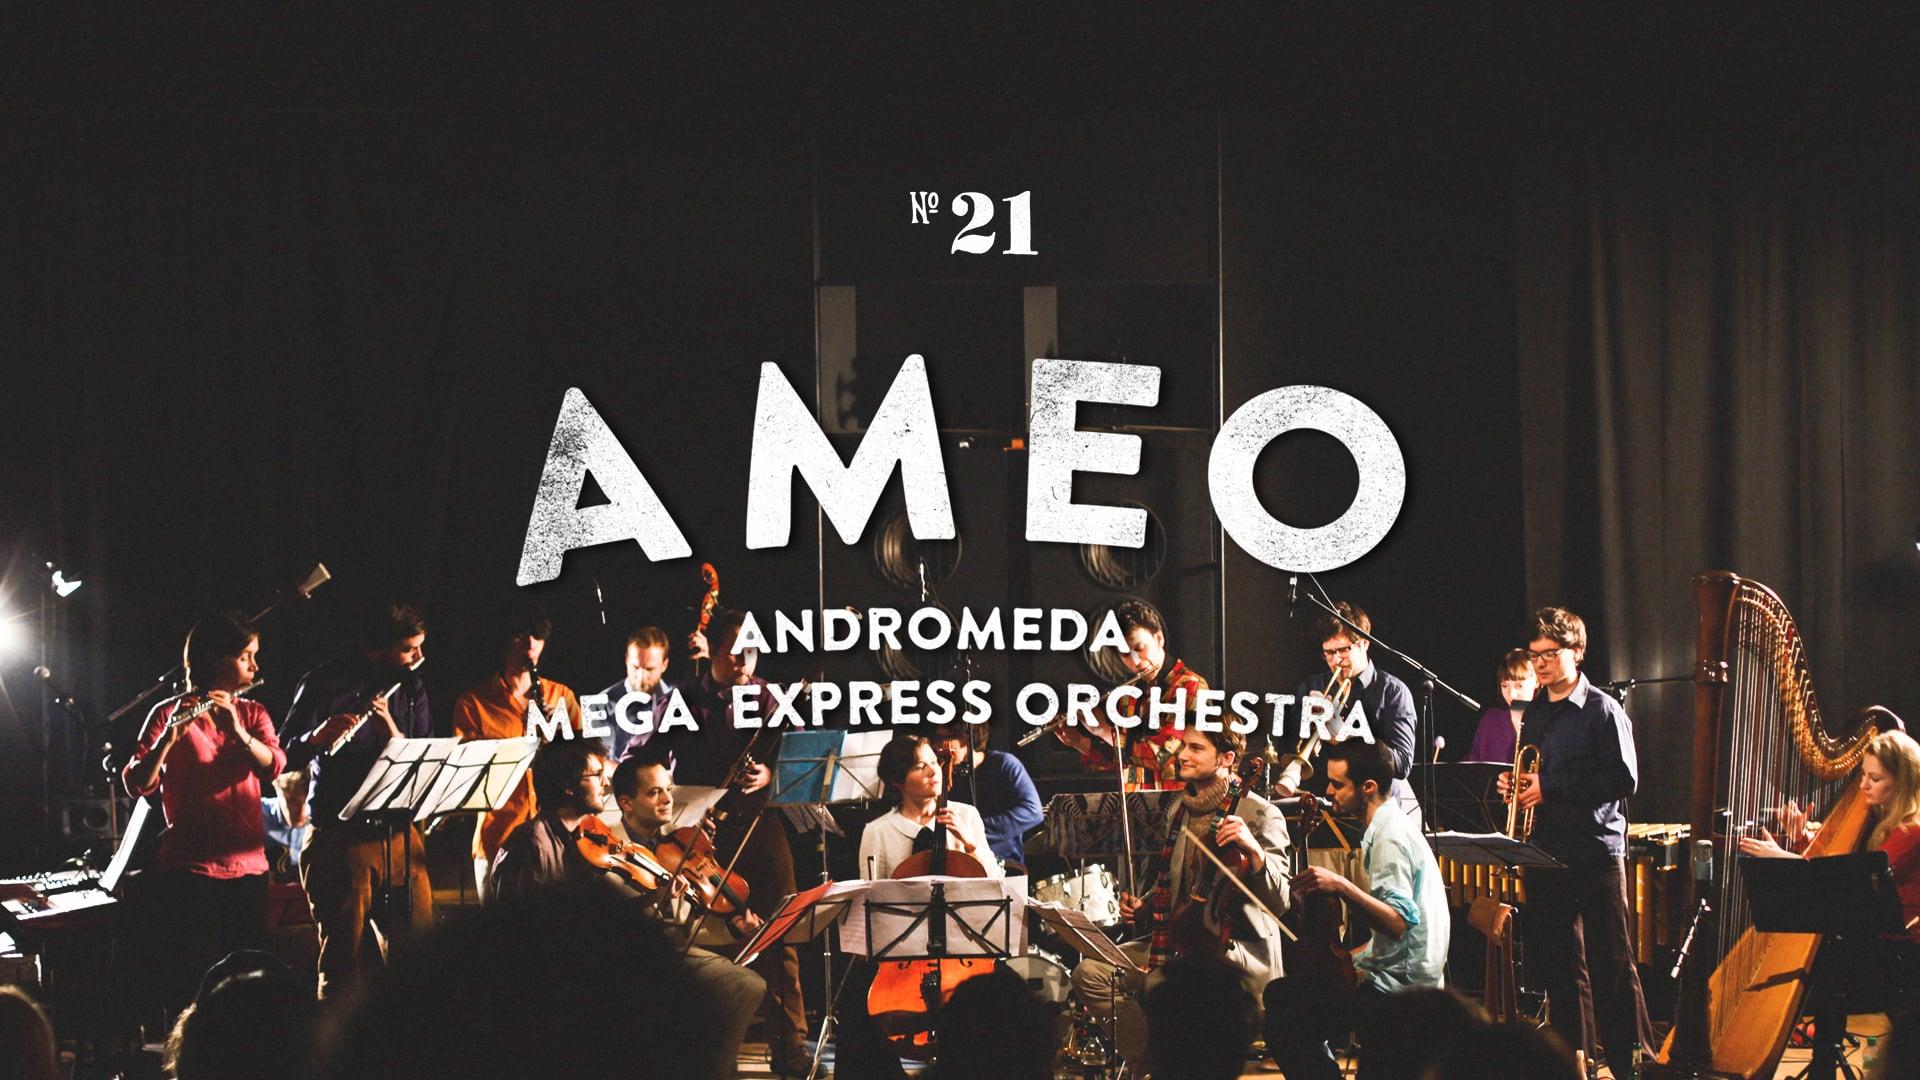 SEANCE 21 |ANDROMEDA MEGA EXPRESS ORCHESTRA